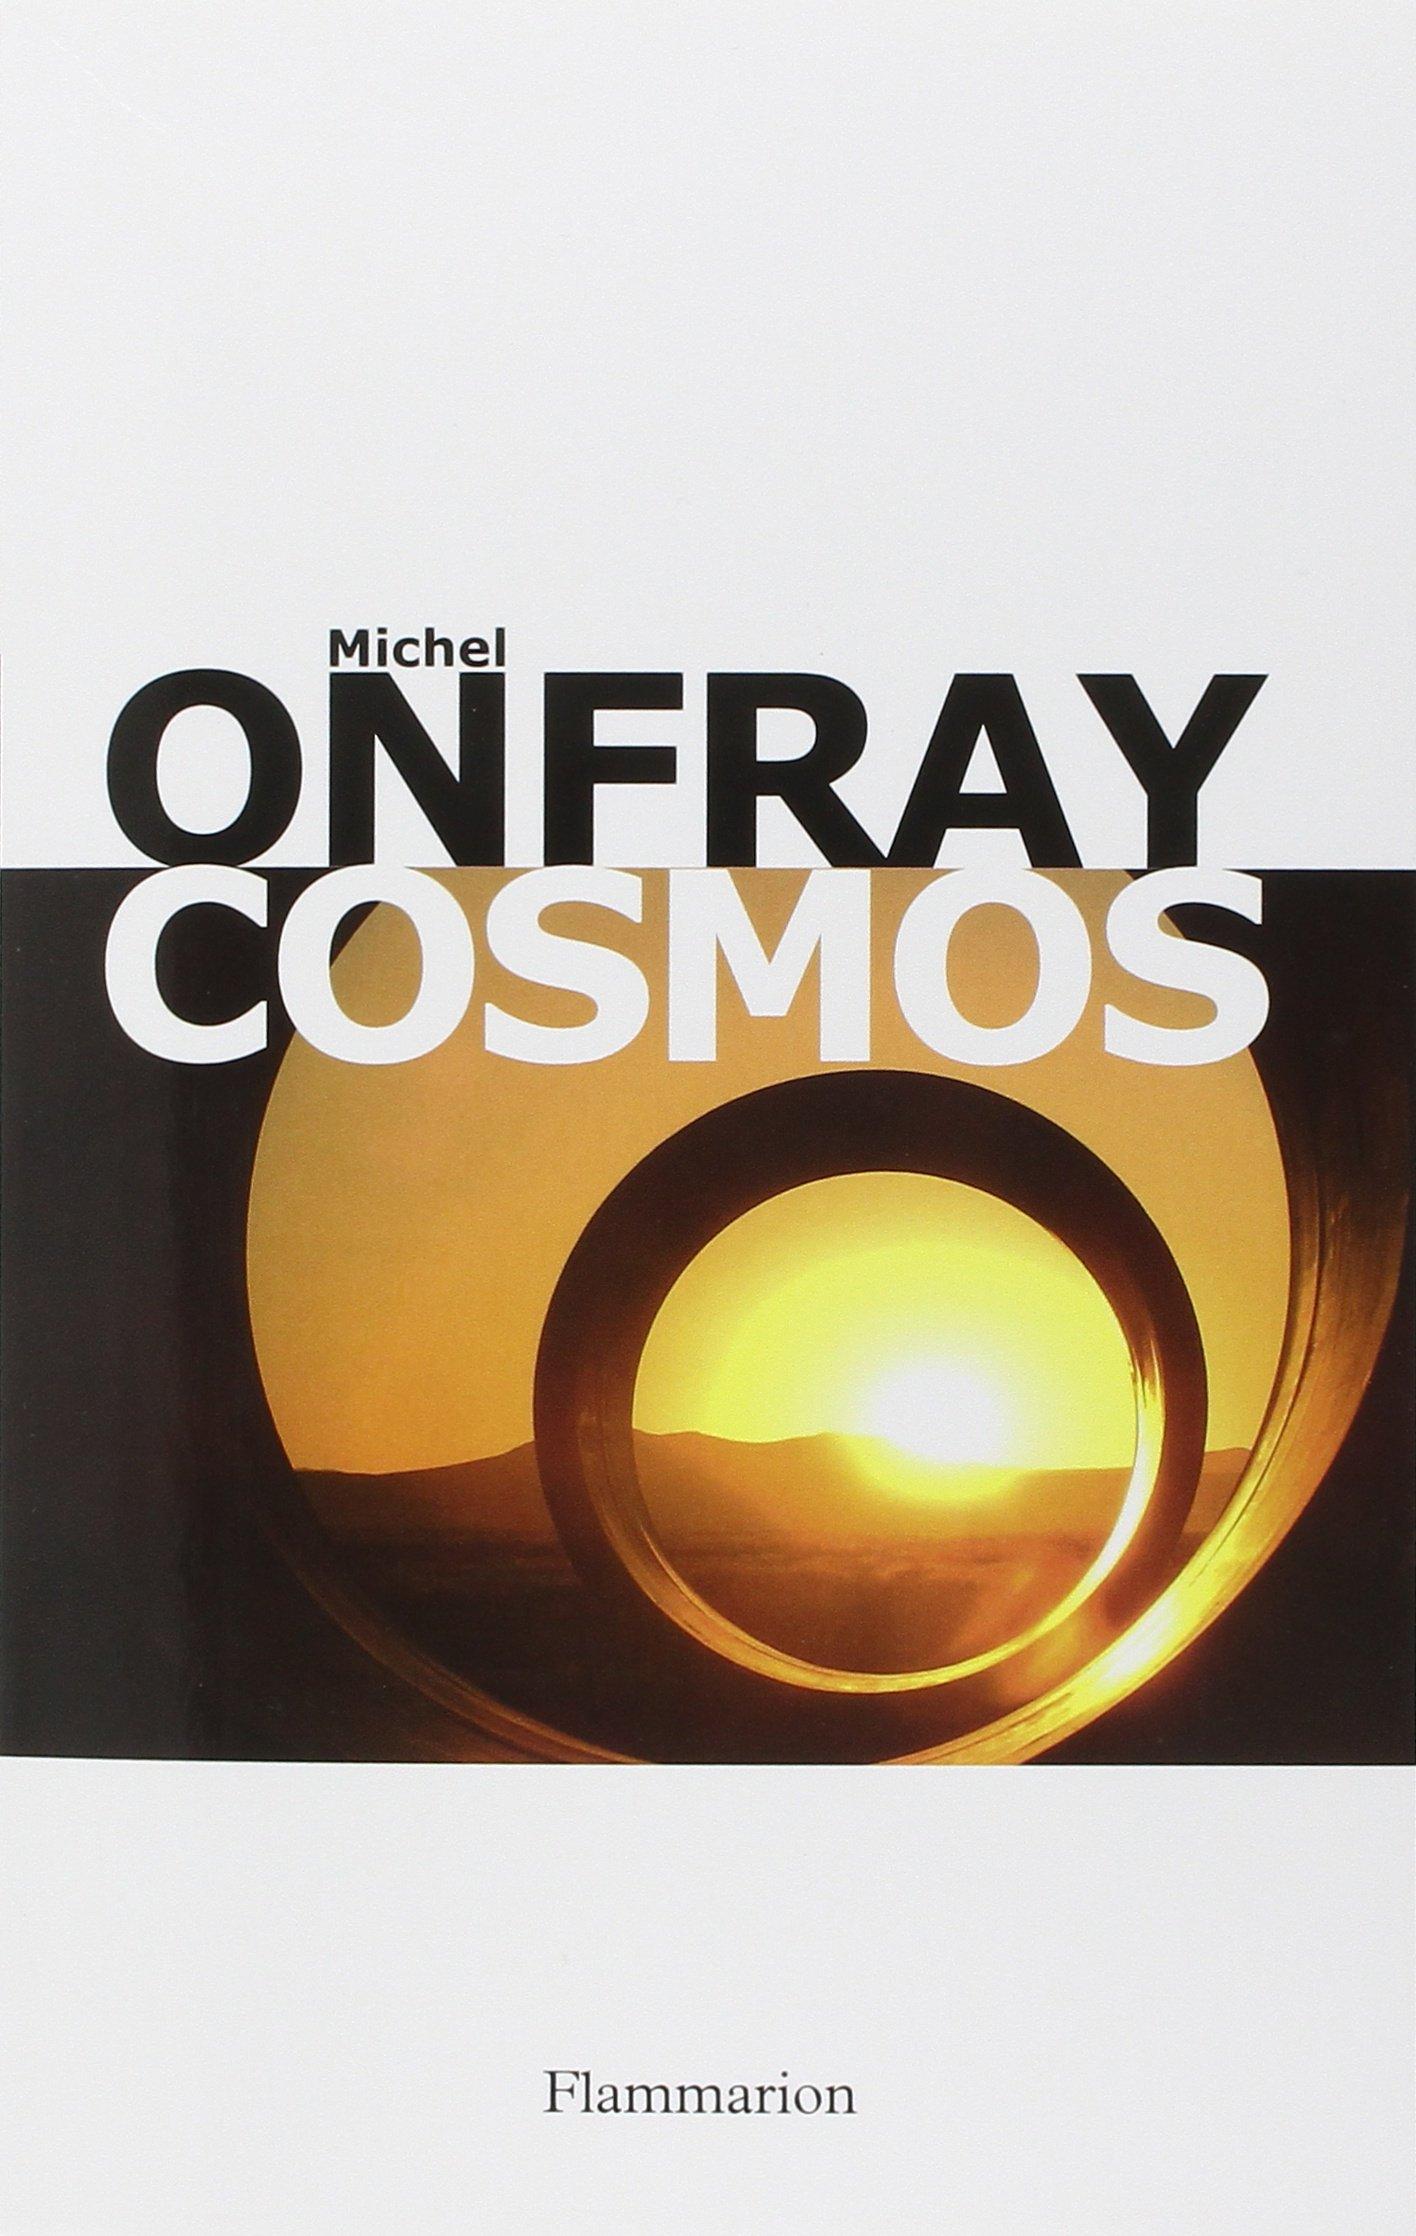 cosmosworks gratuit